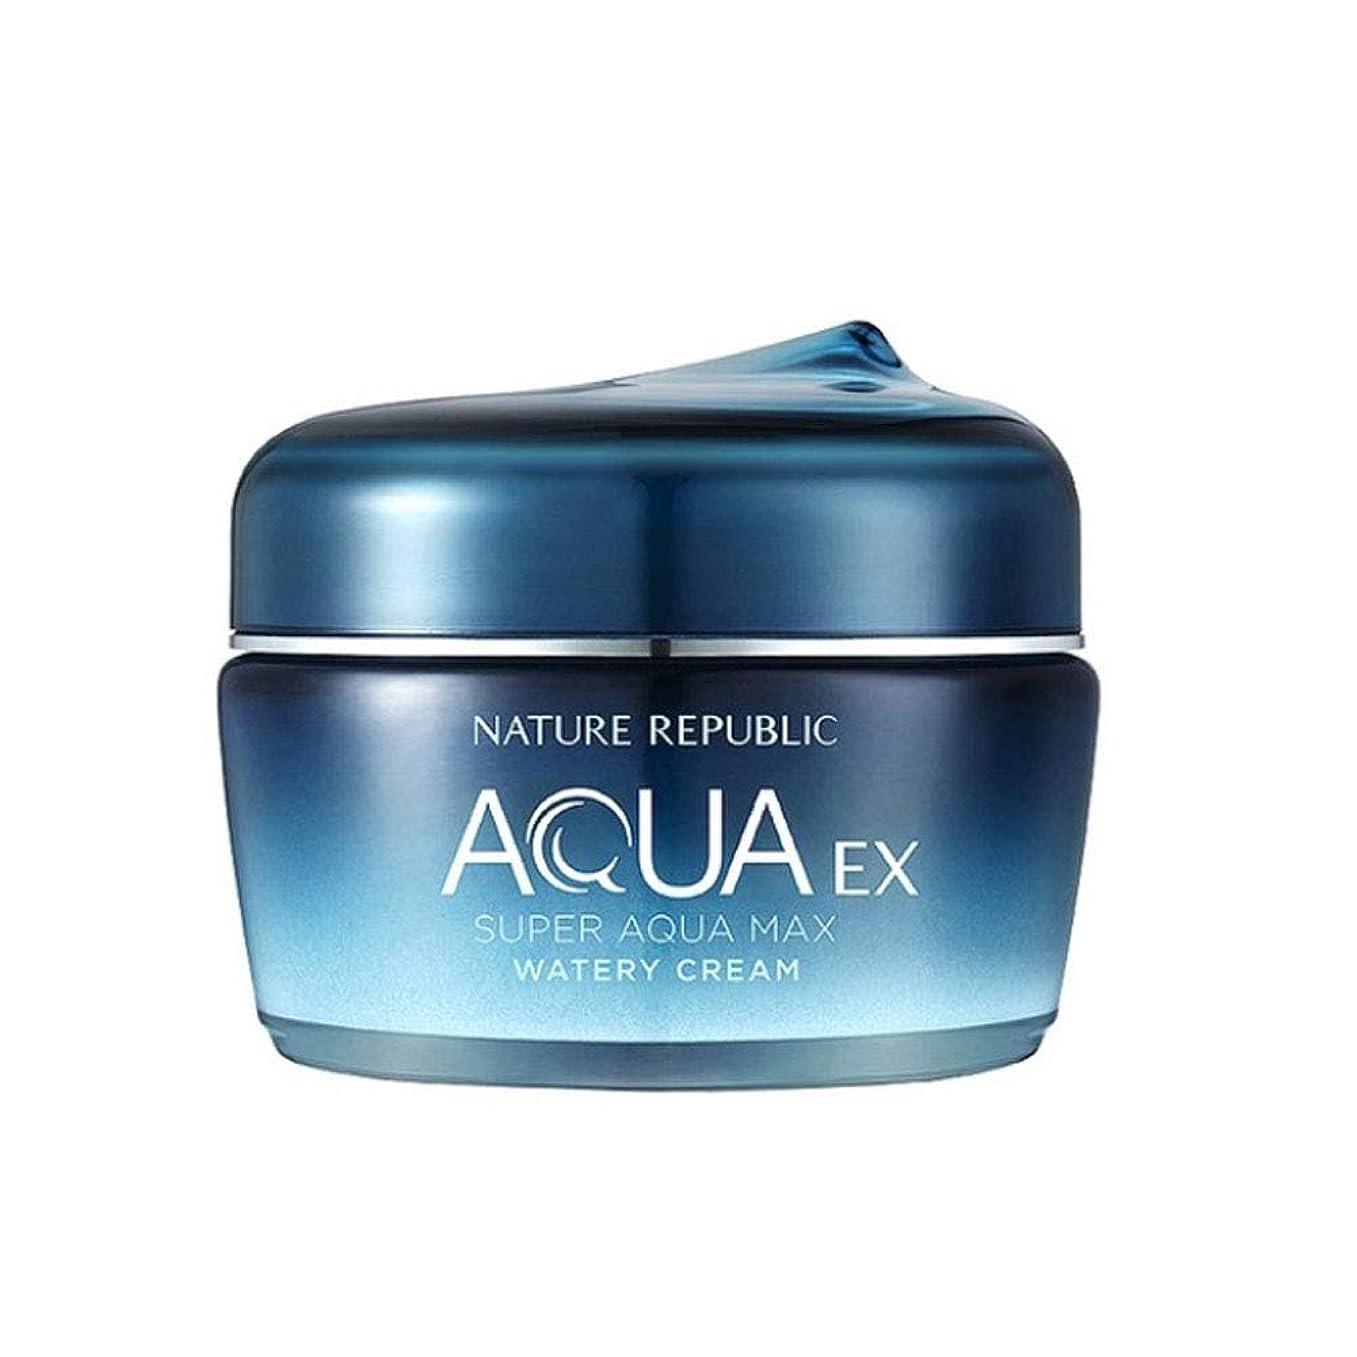 忘れる預言者ネイチャーリパブリックスーパーアクアマックスEX水分クリーム80ml韓国コスメ、Nature Republic Super Aqua Max EX Watery Cream 80ml Korean Cosmetics [並行輸入品]